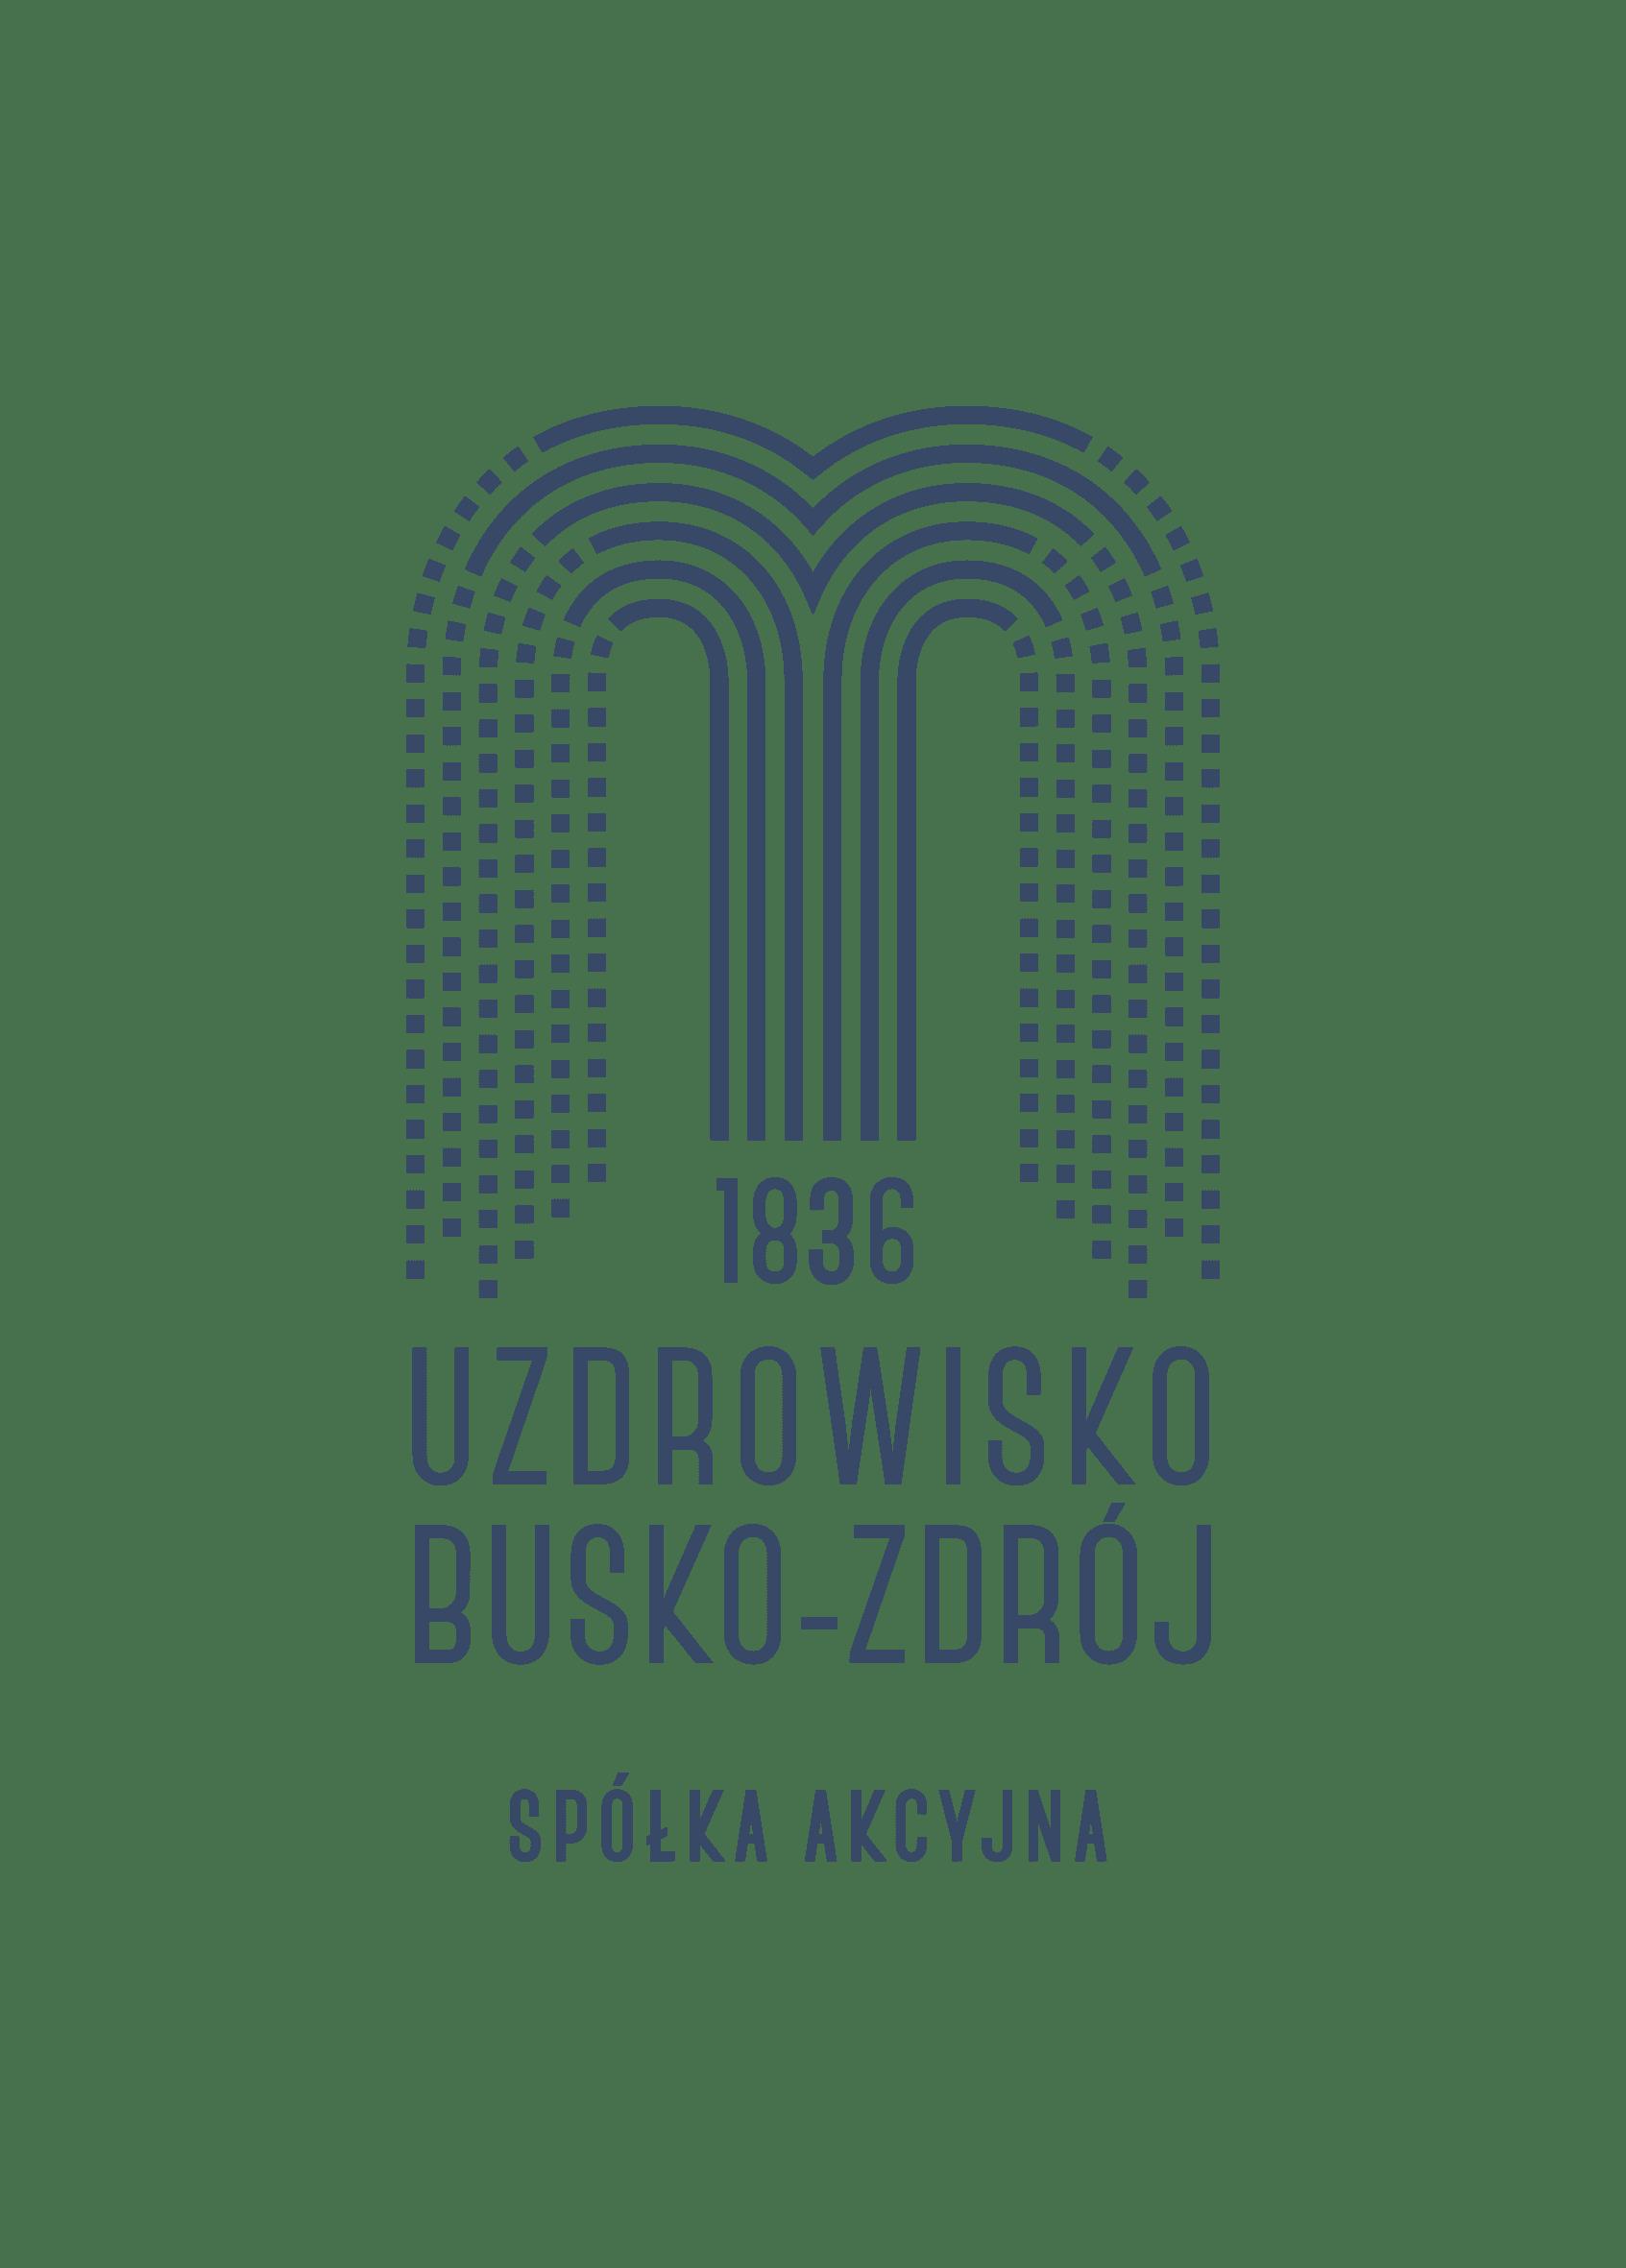 UBZ_logo_podstawowa_A_ubz_navy_blue_RGB